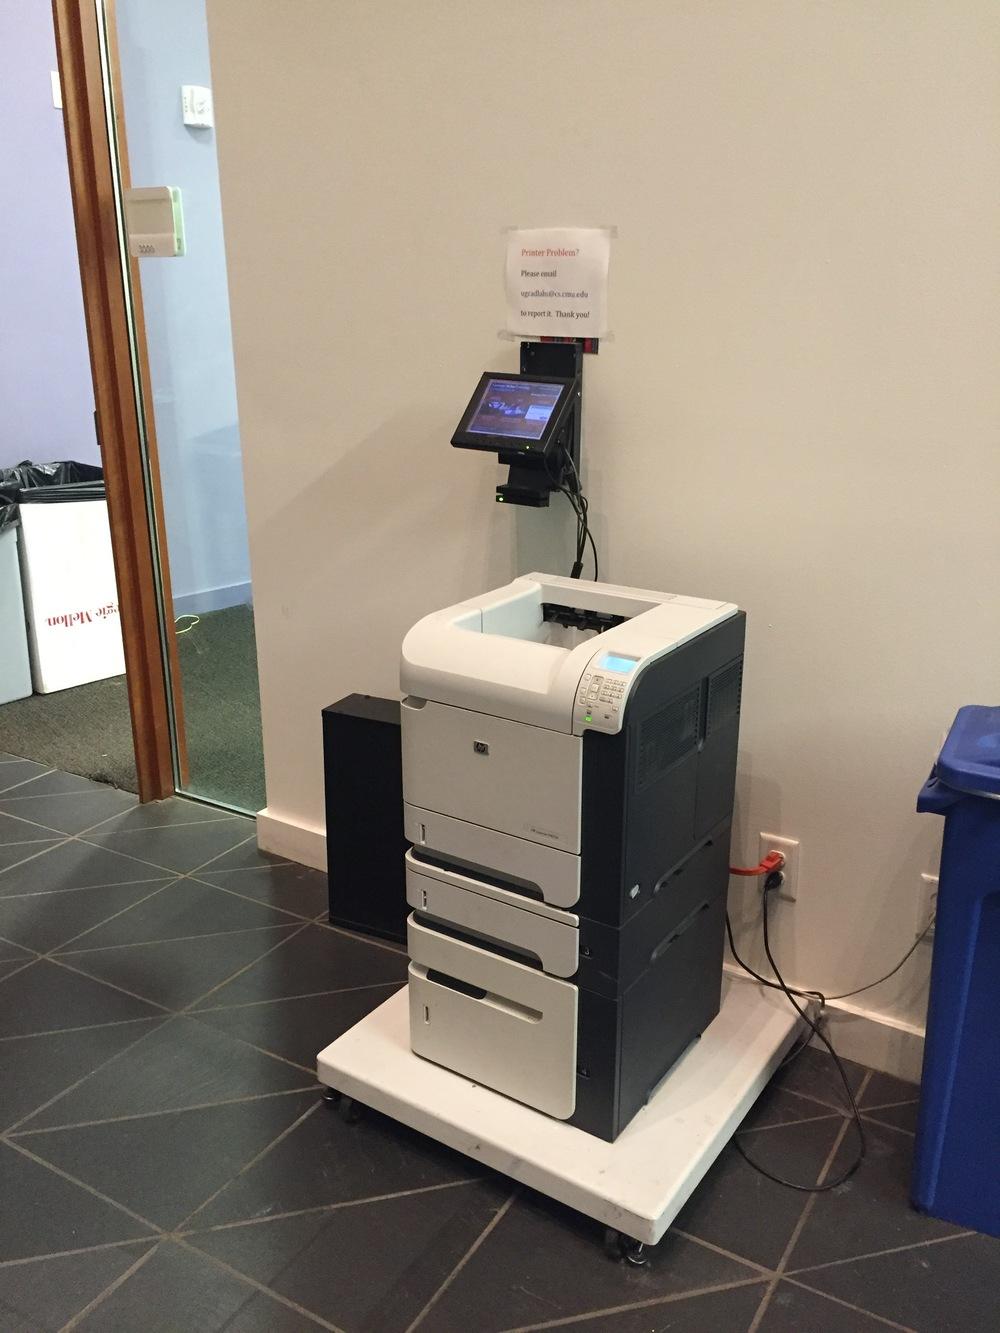 Cafe Printer